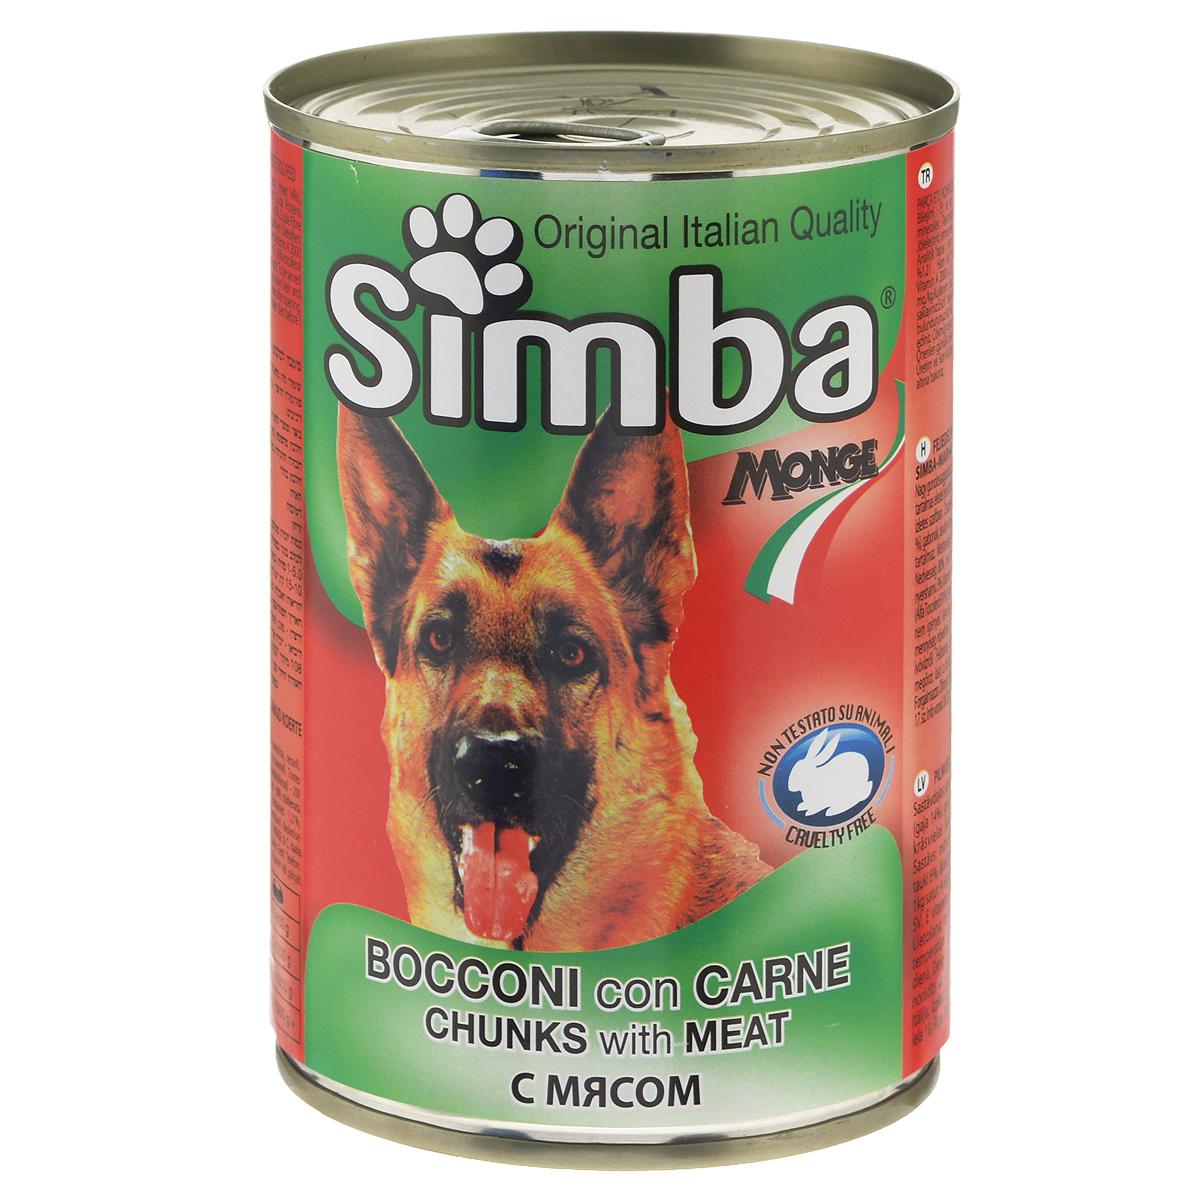 Консервы для собак Monge Simba, кусочки с телятиной, 415 г70009010Консервы для собак Monge Simba - это полнорационный корм для собак. Кусочки с телятиной в соусе. Ежедневная норма для собаки среднего размера - 800 г. Состав: мясо и мясные субпродукты (не менее 14%), злаки, минеральные вещества, витамины, натуральные красители и вкусовые добавки. Анализ компонентов: протеин 8%, жир 6%, клетчатка 1,21%, зола 3%, влажность 80%. Витамины и добавки на 1 кг: витамин А 2000 МЕ, витамин D3 200 МЕ, витамин Е 5 мг. Товар сертифицирован.